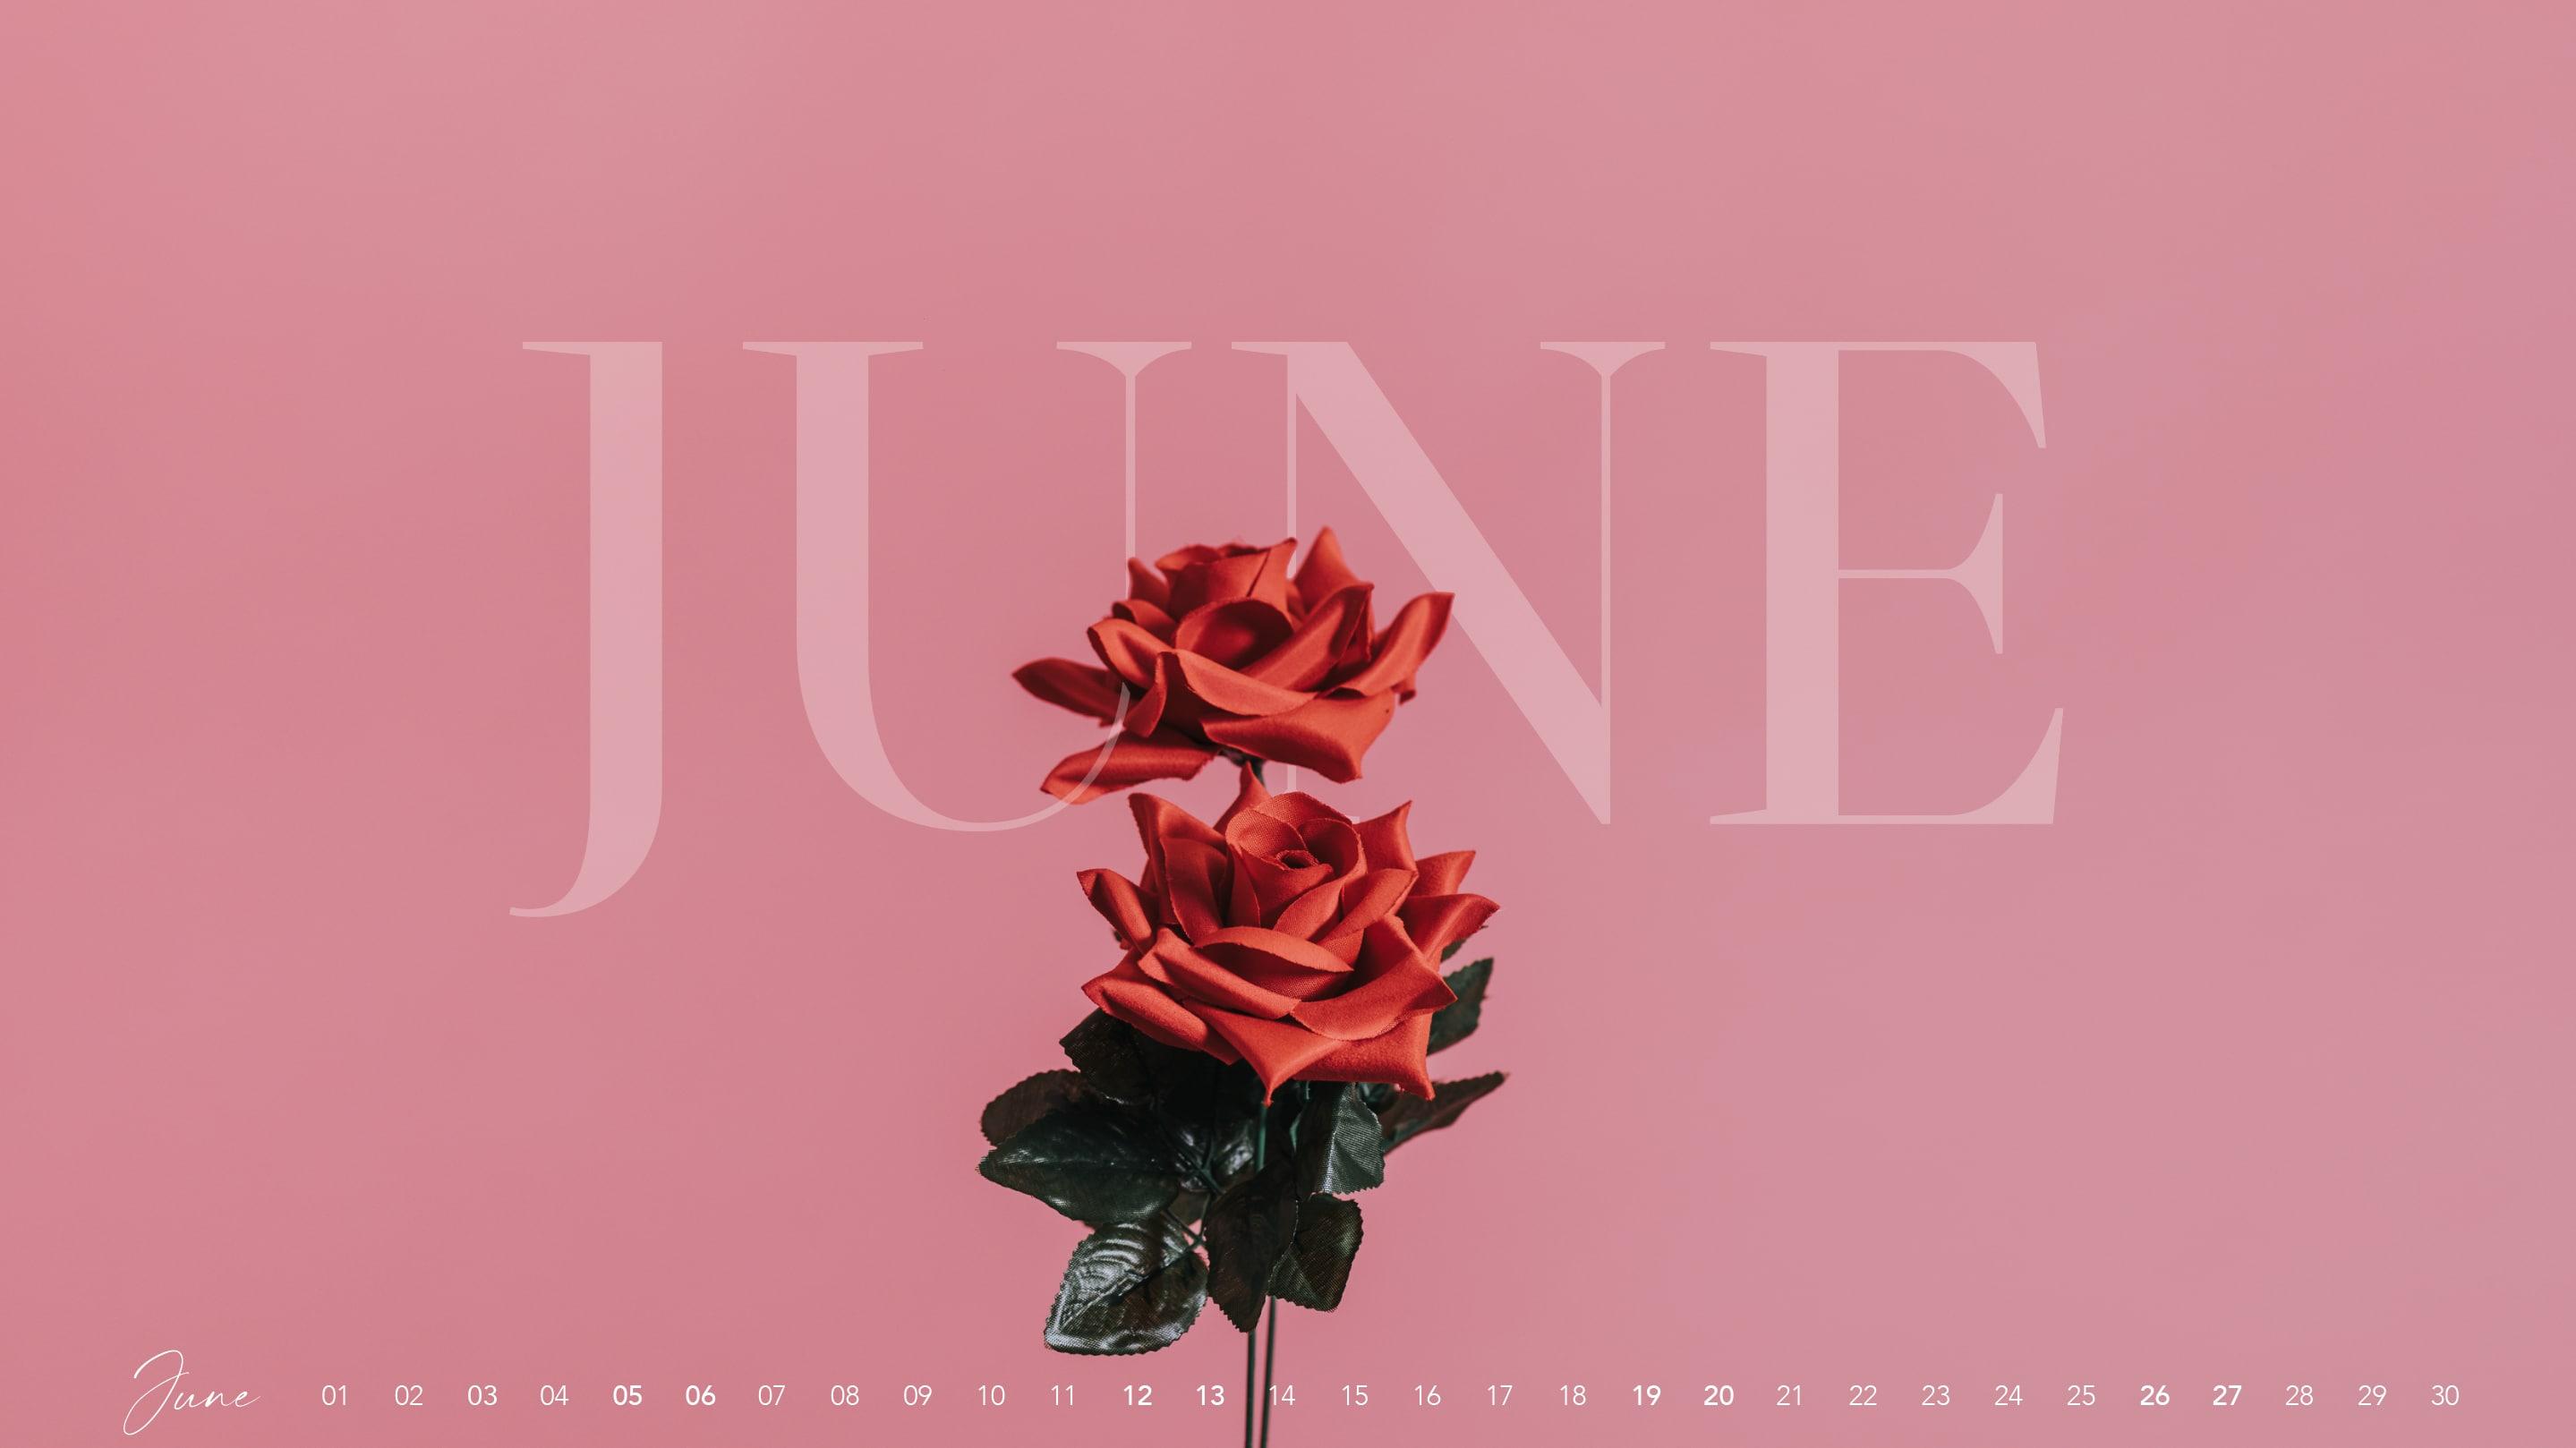 Juni-Wallpaper-2021-design-bildschirmhintergrund-rose